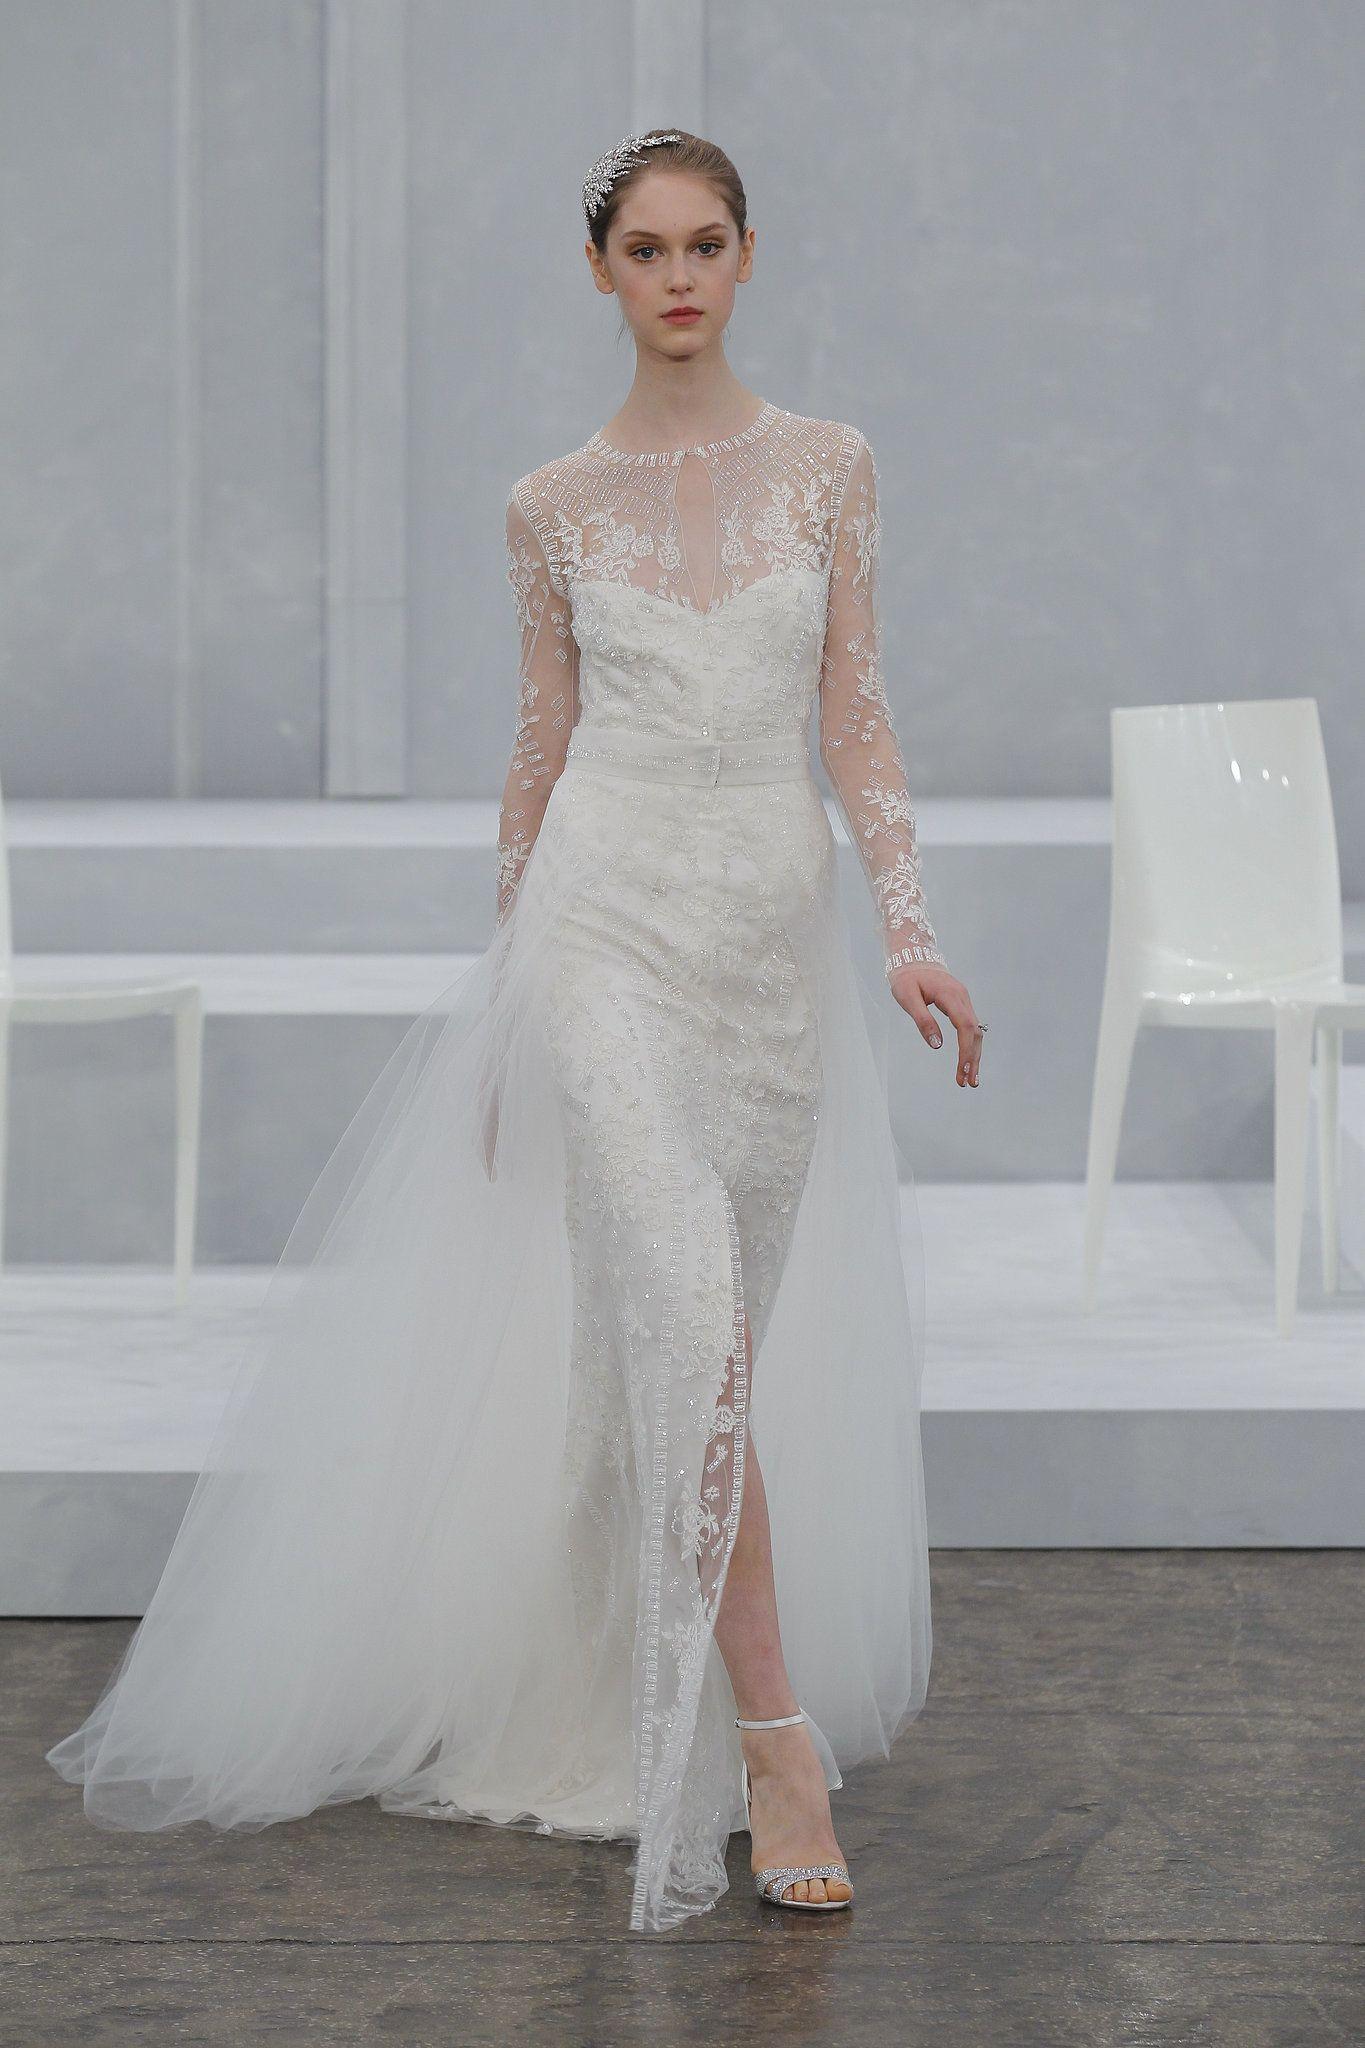 Top 10 Bridal Trends for 2015   Monique lhuillier bridal, Monique ...